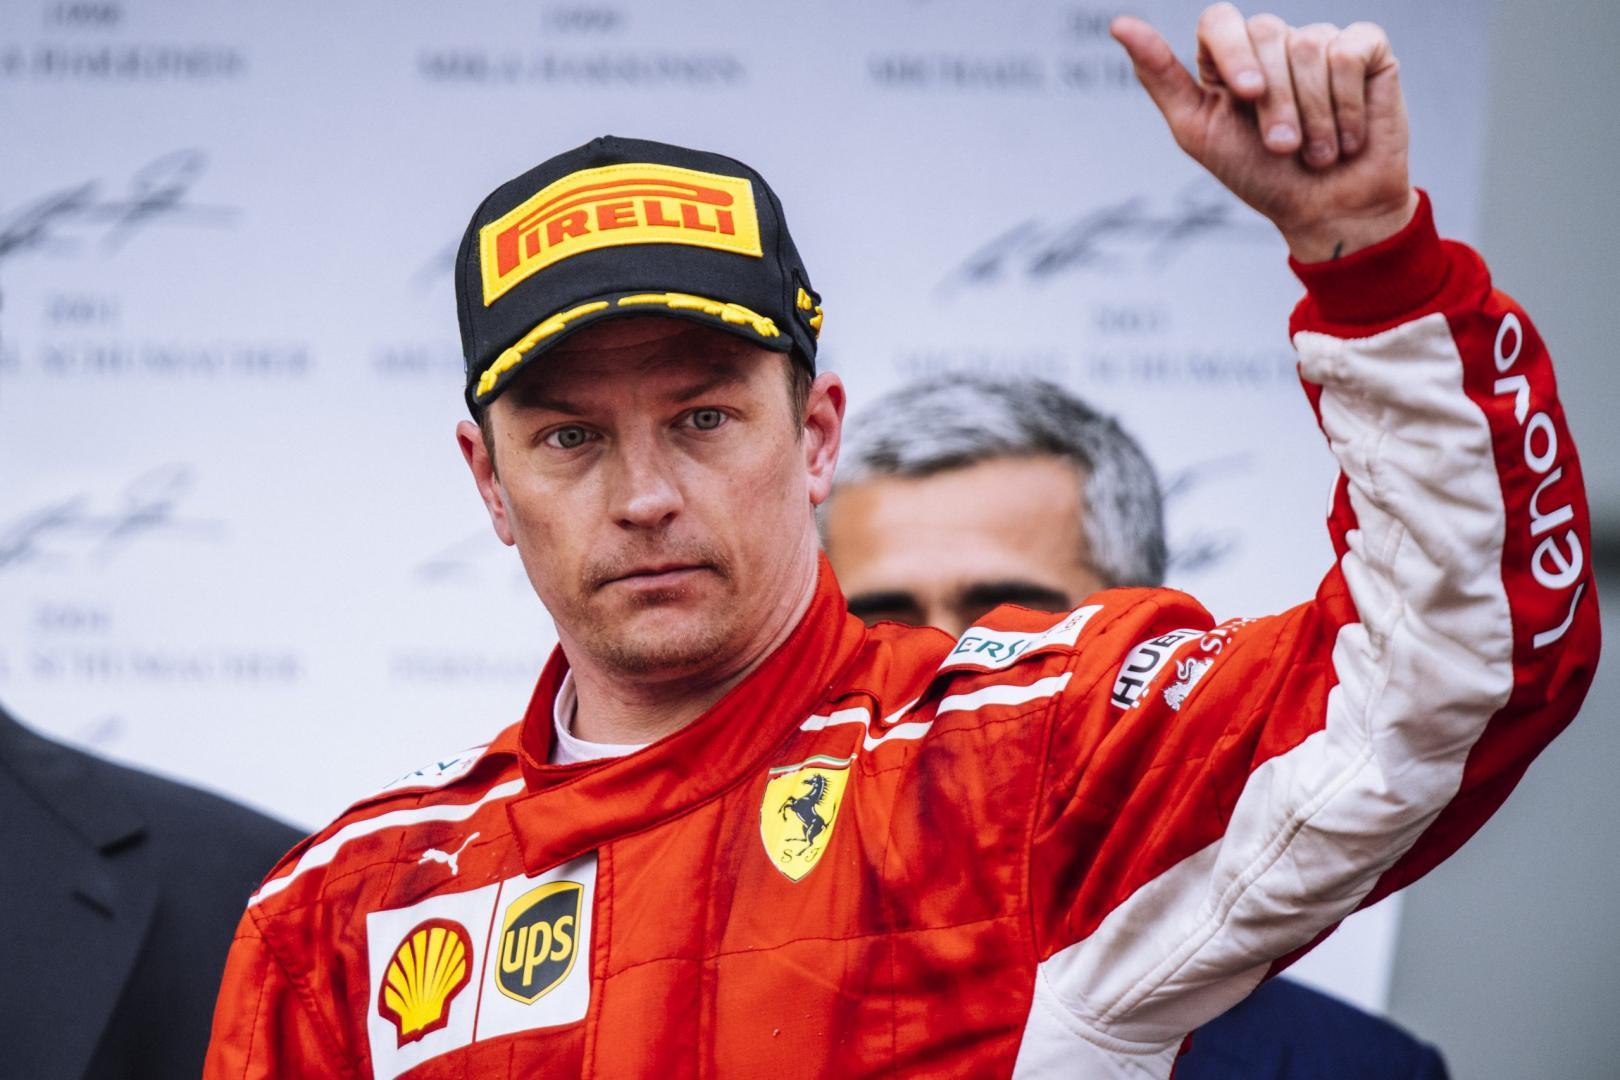 Hoe Räikkönen bijna een F1-team failliet liet gaan